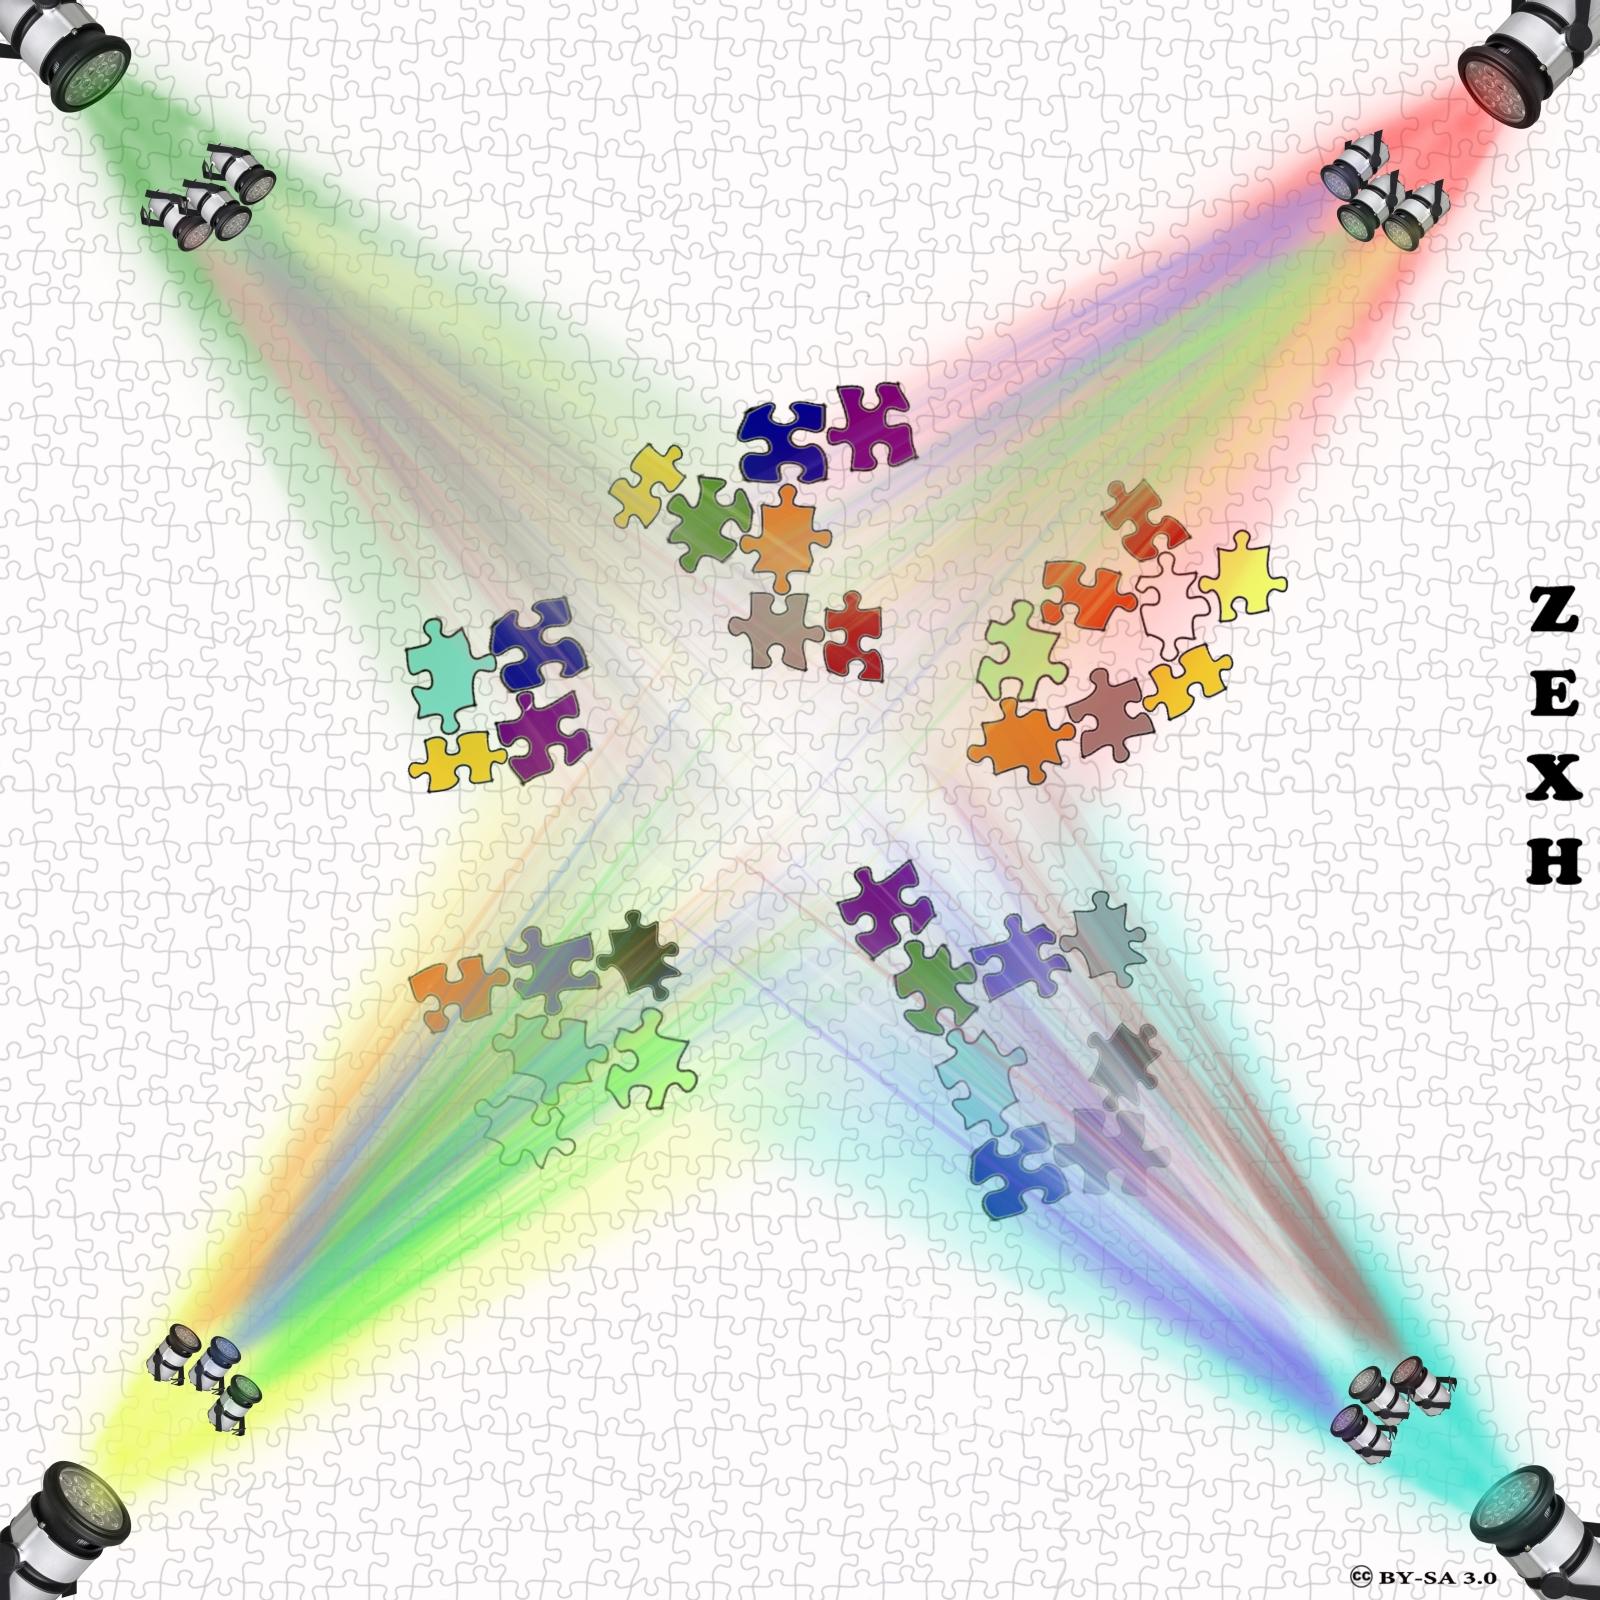 Интегральный подход - мозаичный подход: под-прожекторы, кластеры, мозаика